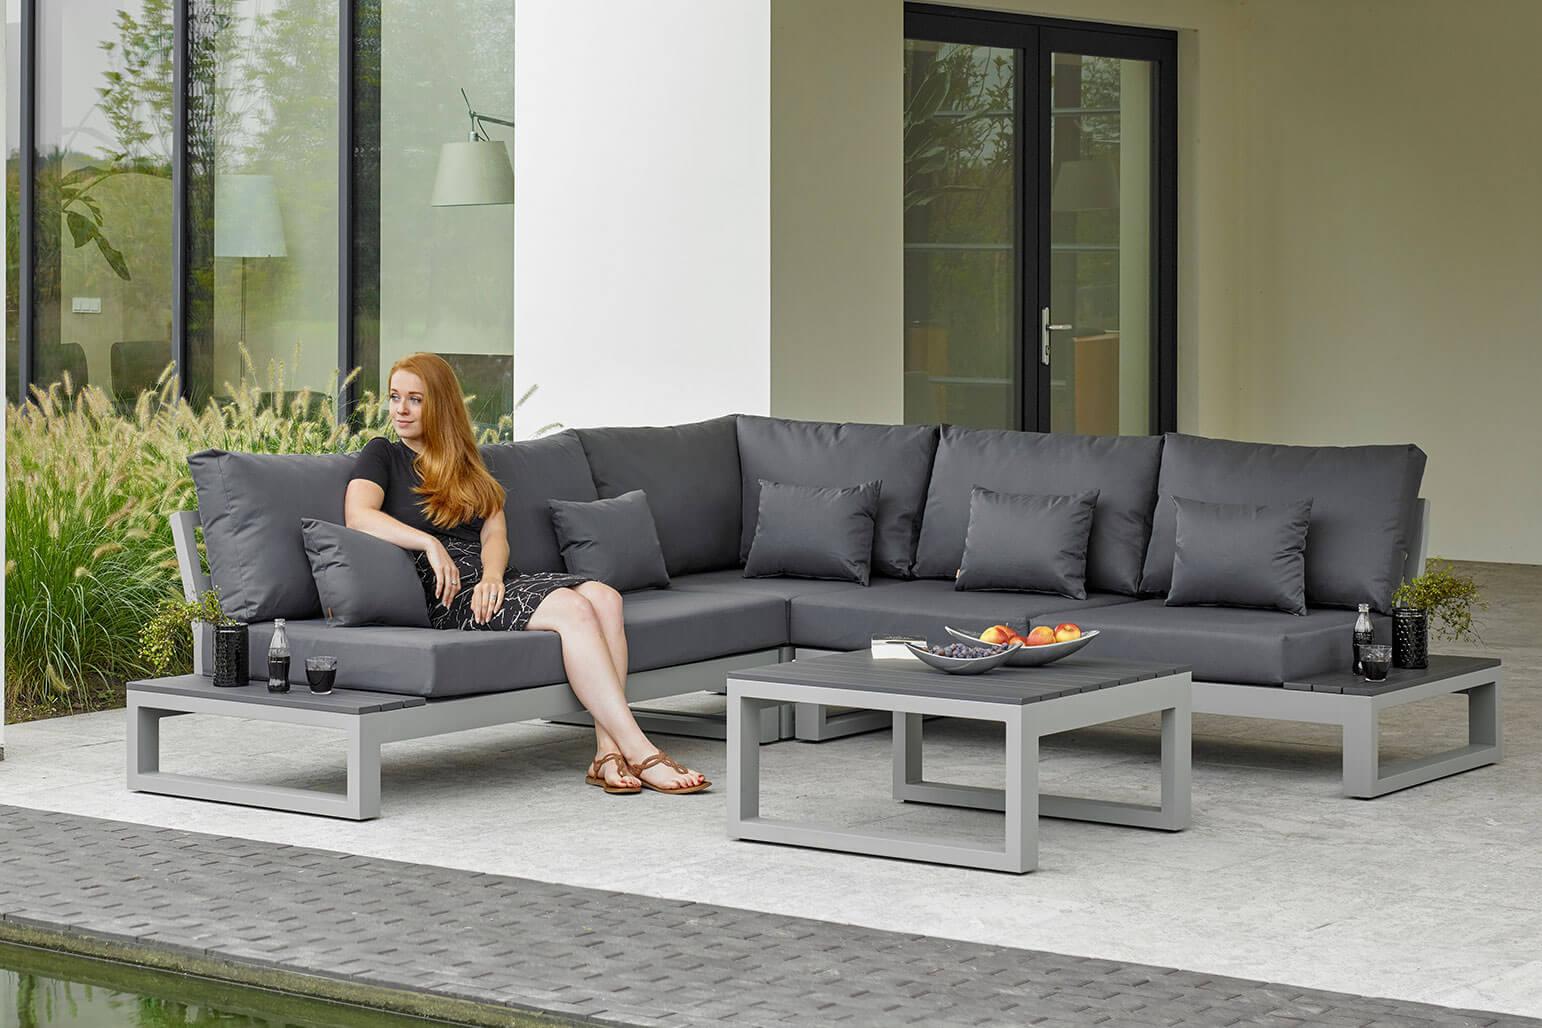 Full Size of Loungemöbel Aluminium Life Lounge Mallorca Grau Matt Too Design Gartenmbel Garten Fenster Verbundplatte Küche Holz Günstig Wohnzimmer Loungemöbel Aluminium